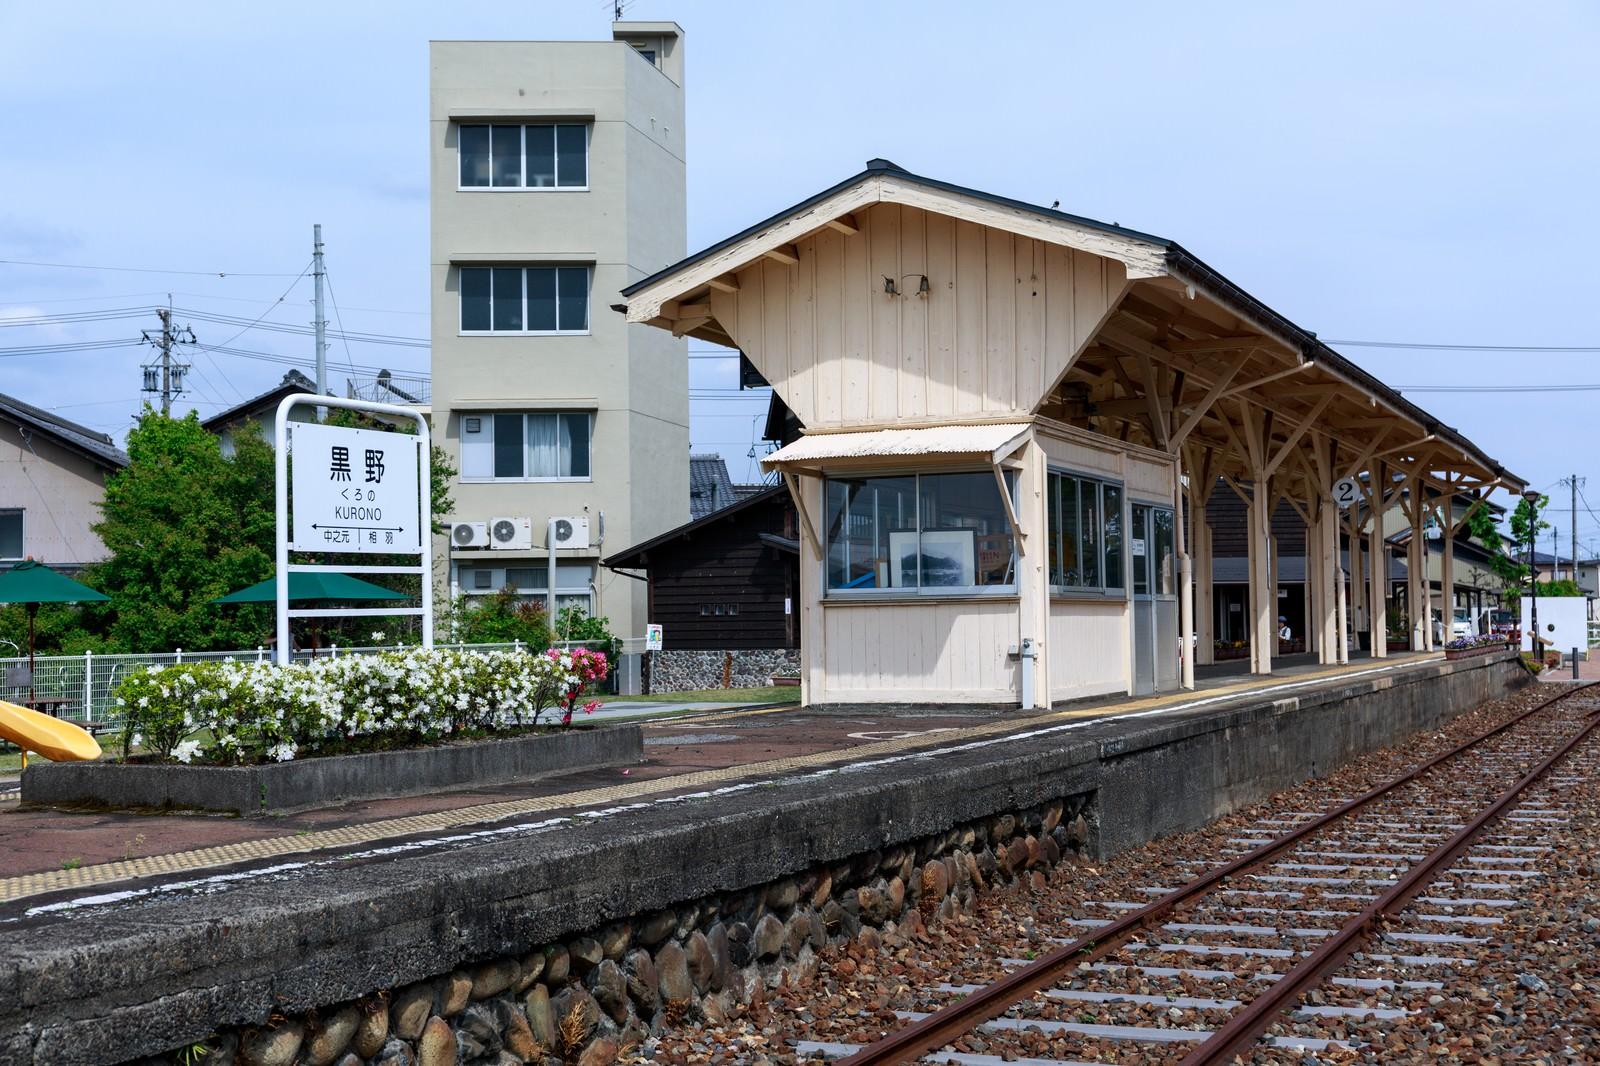 「名鉄(名古屋鉄道揖斐線)の廃線駅「黒野」」の写真